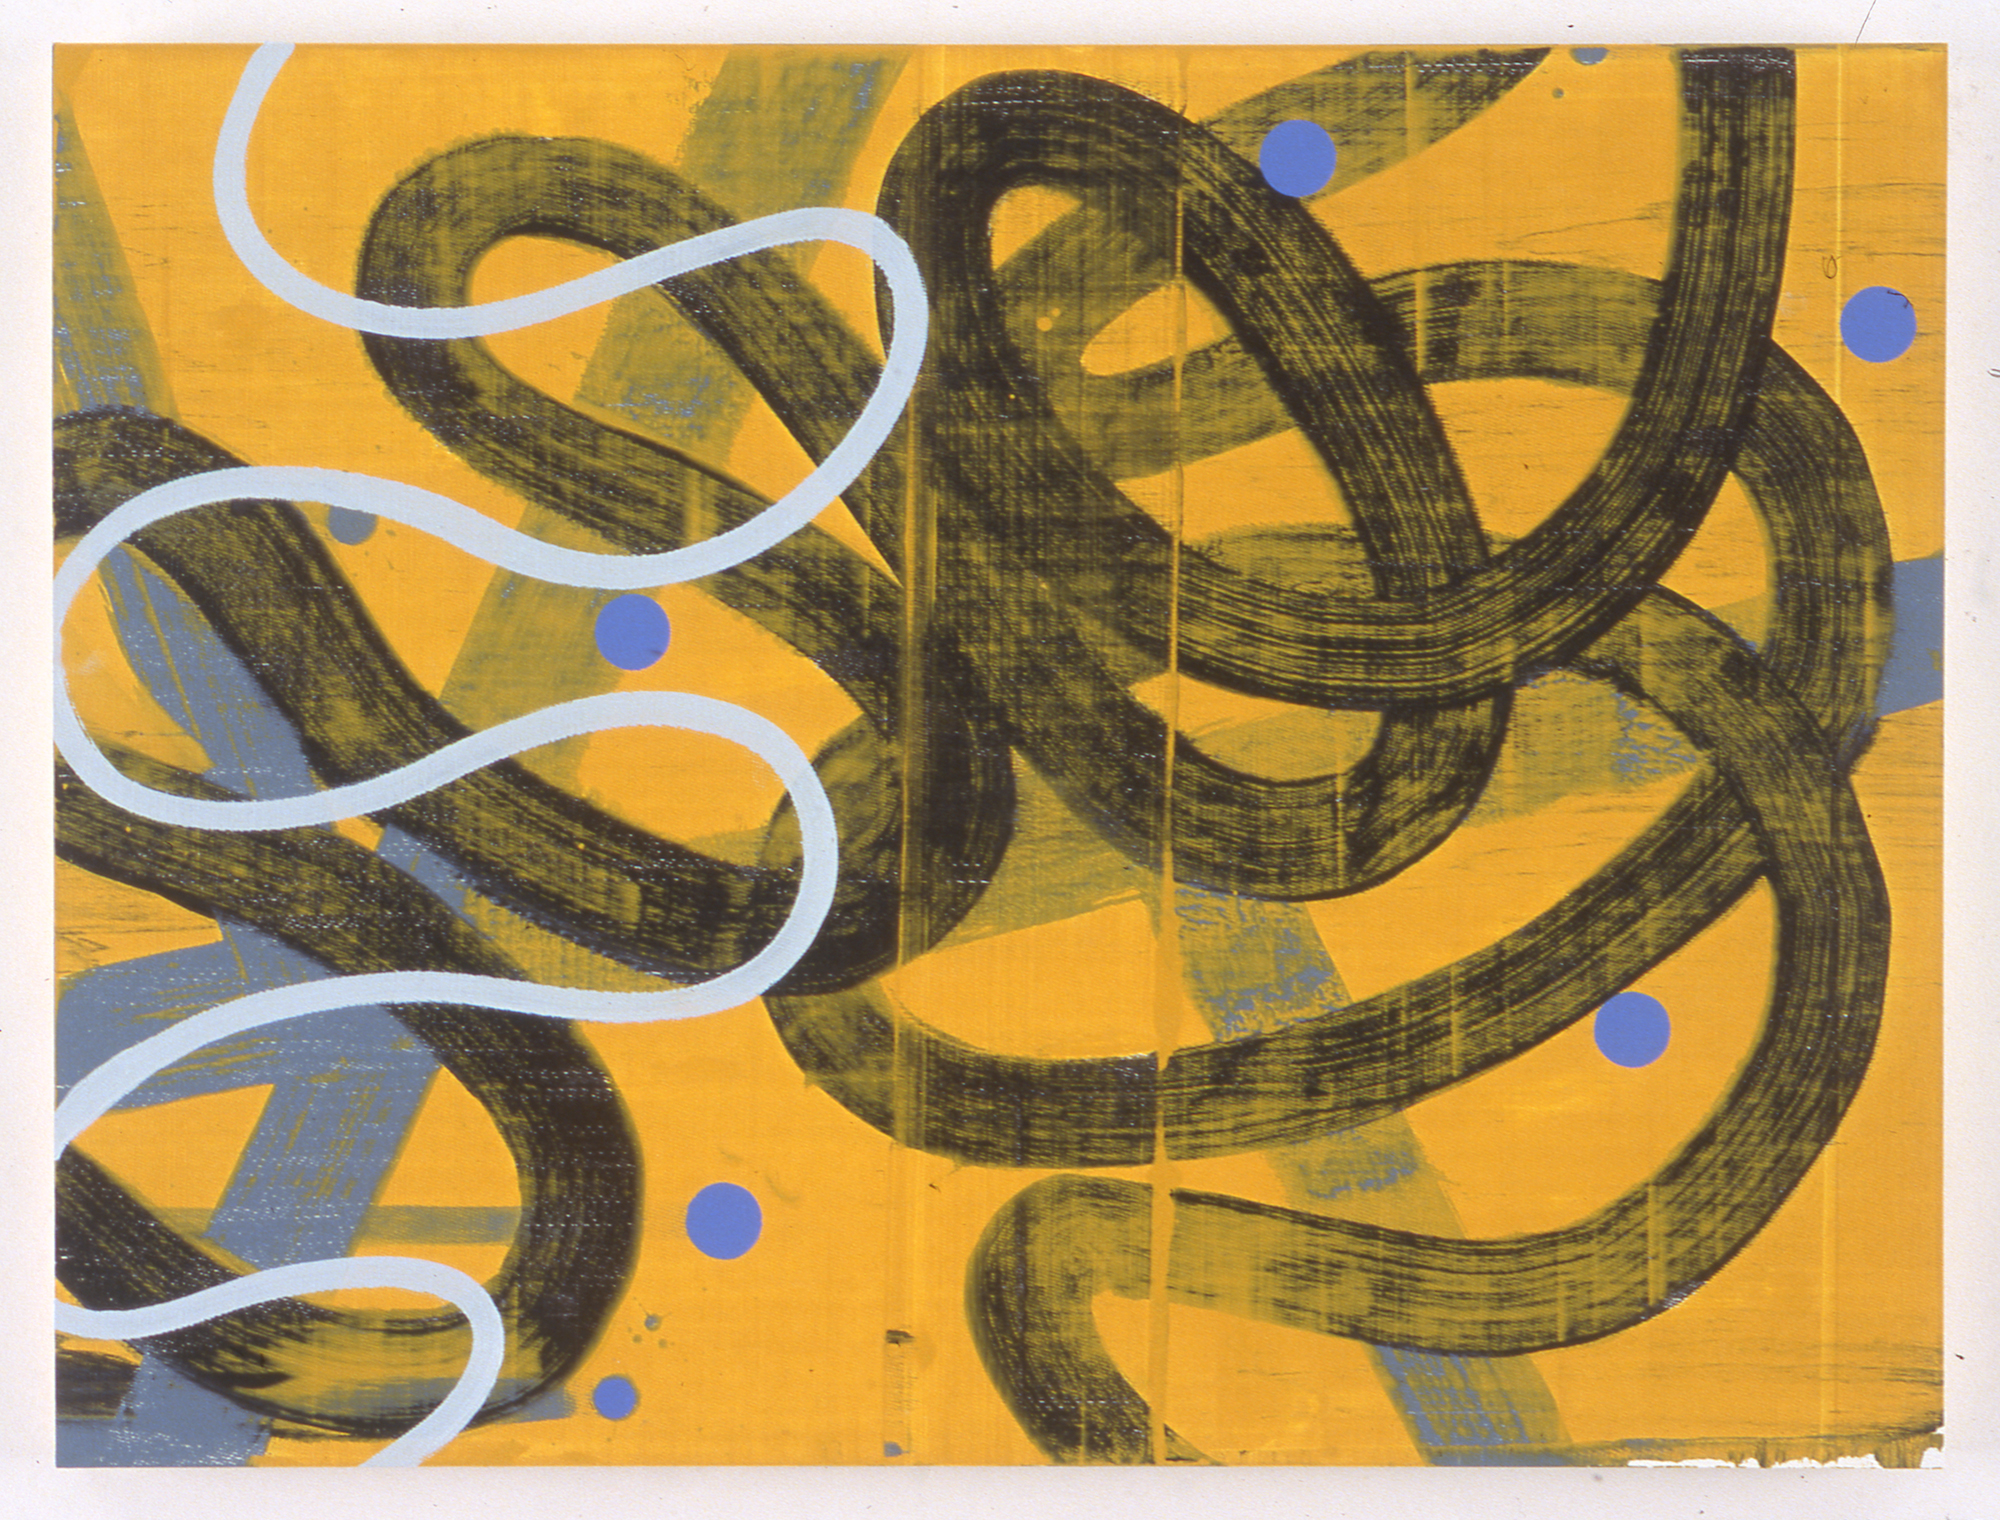 David Row - Ionosphere